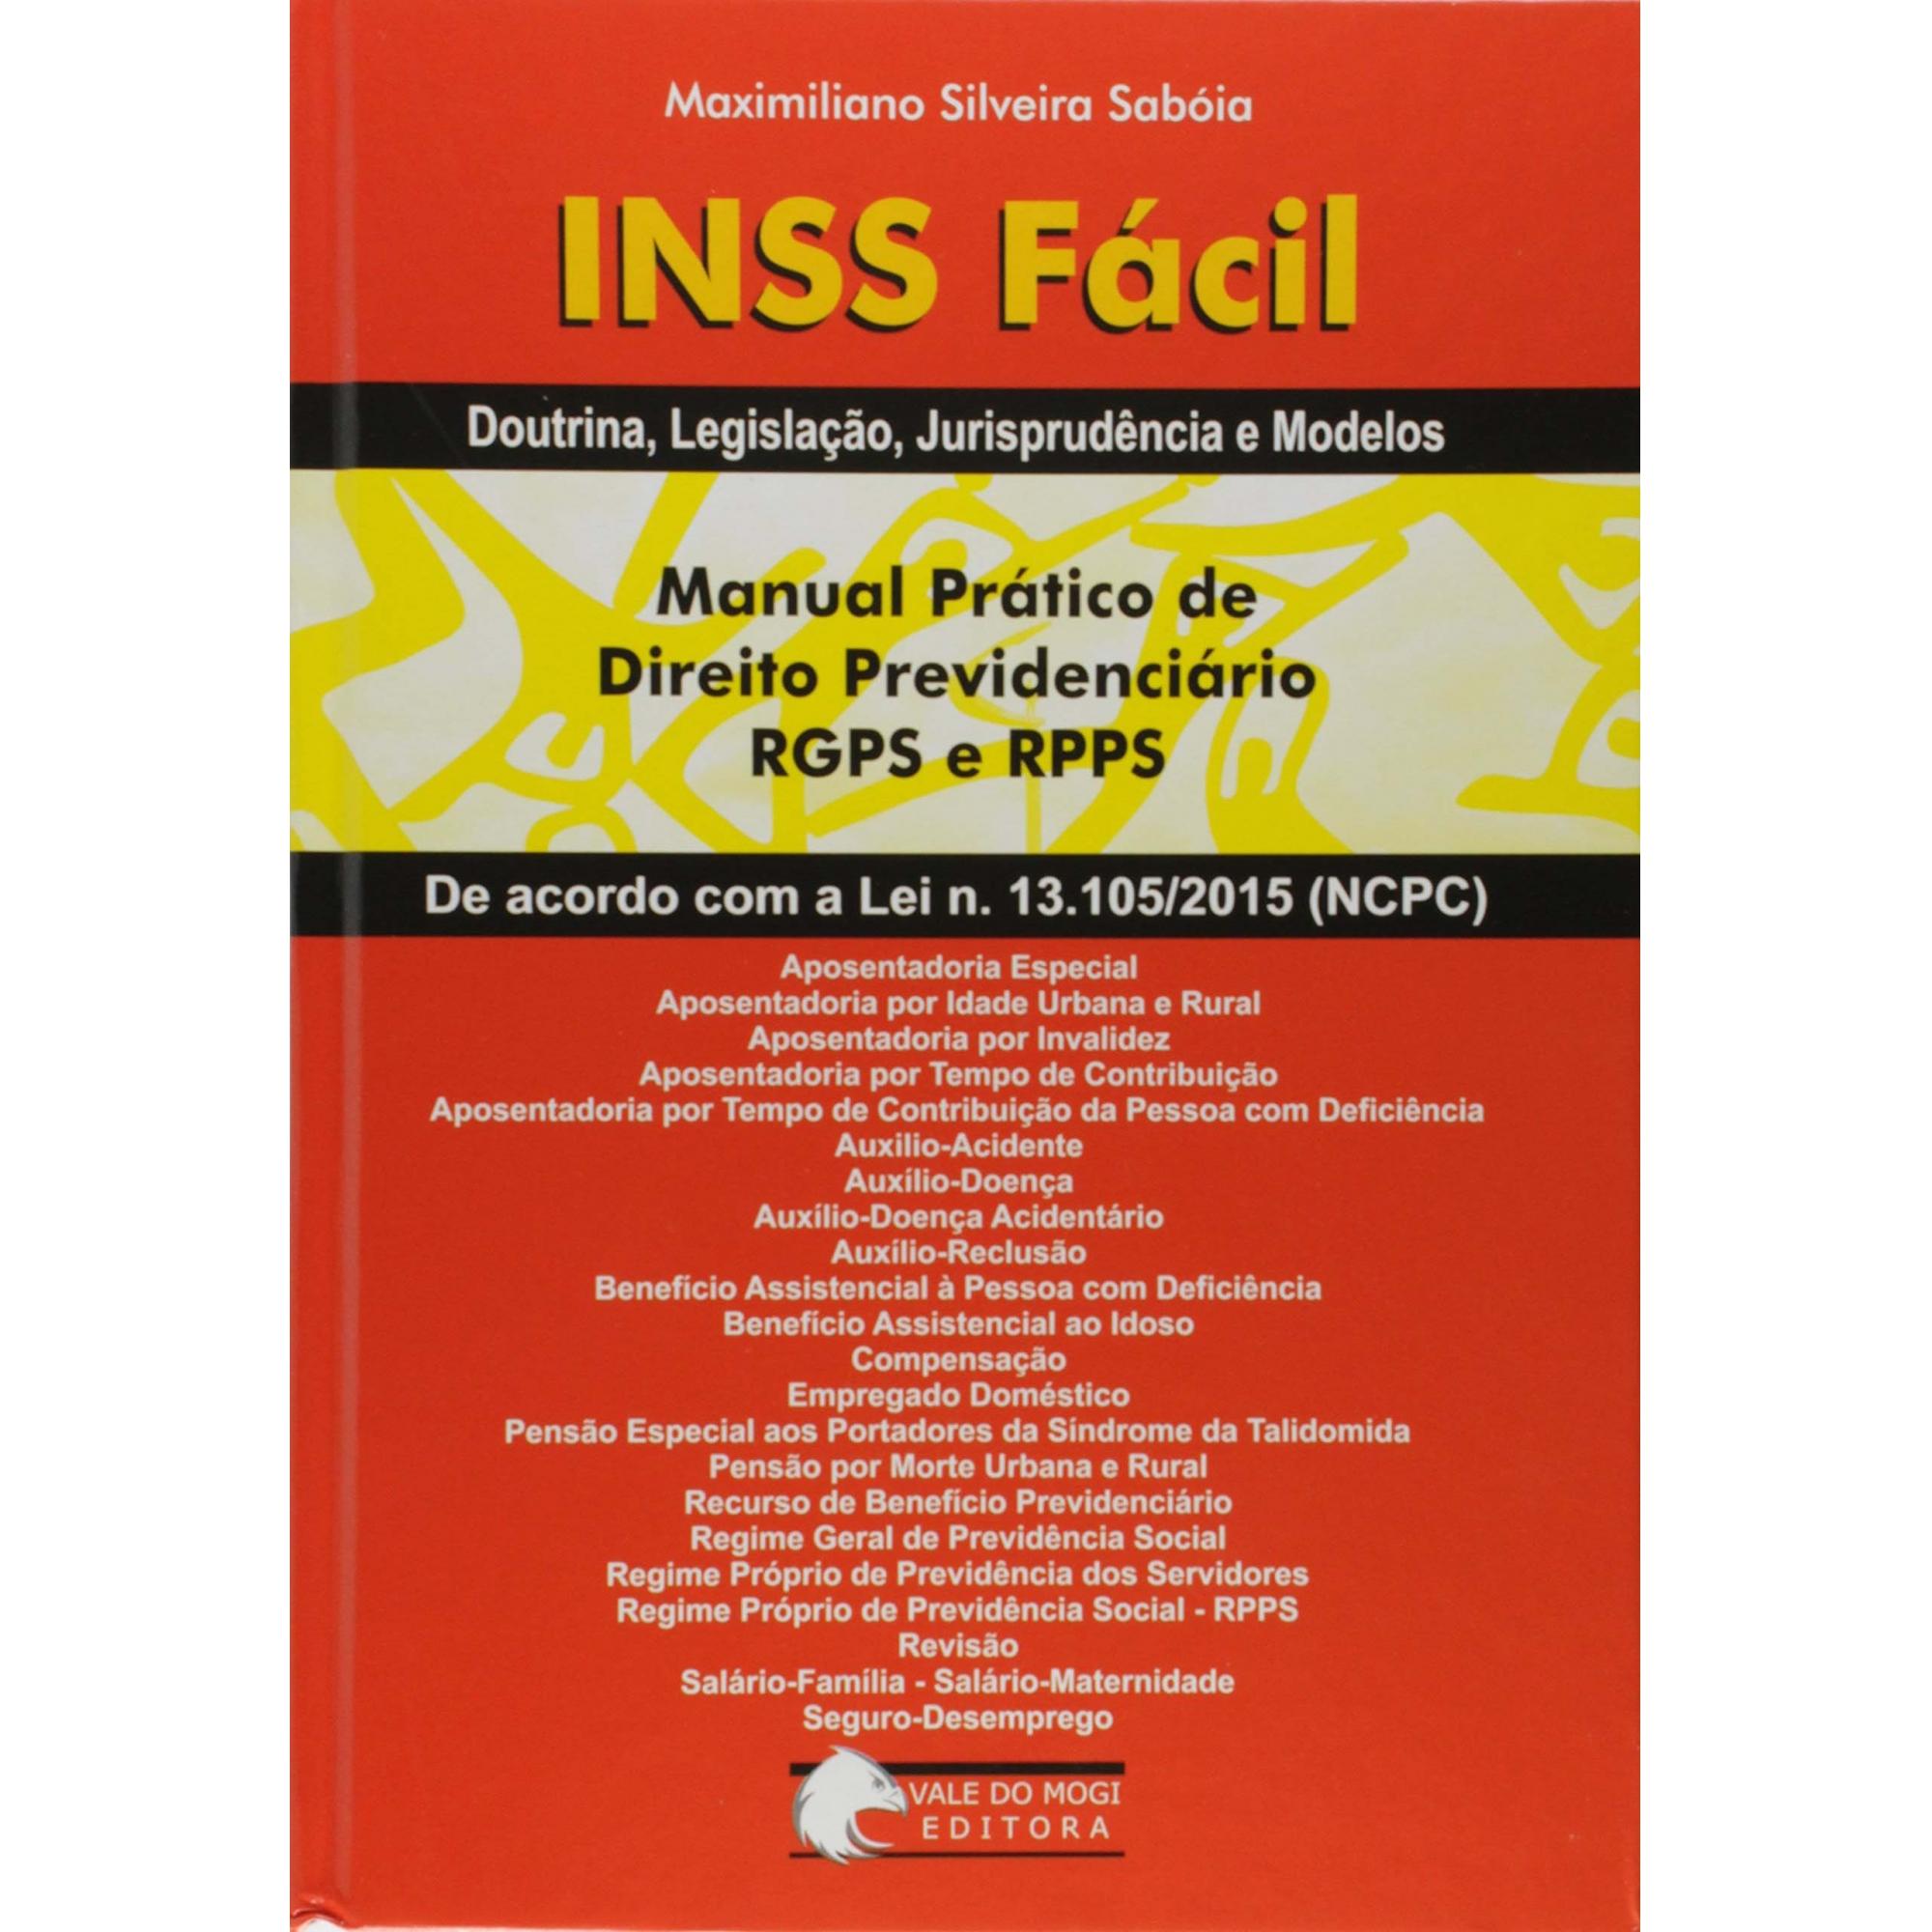 Livro Manual INSS Fácil Prático de Direito Previdenciário